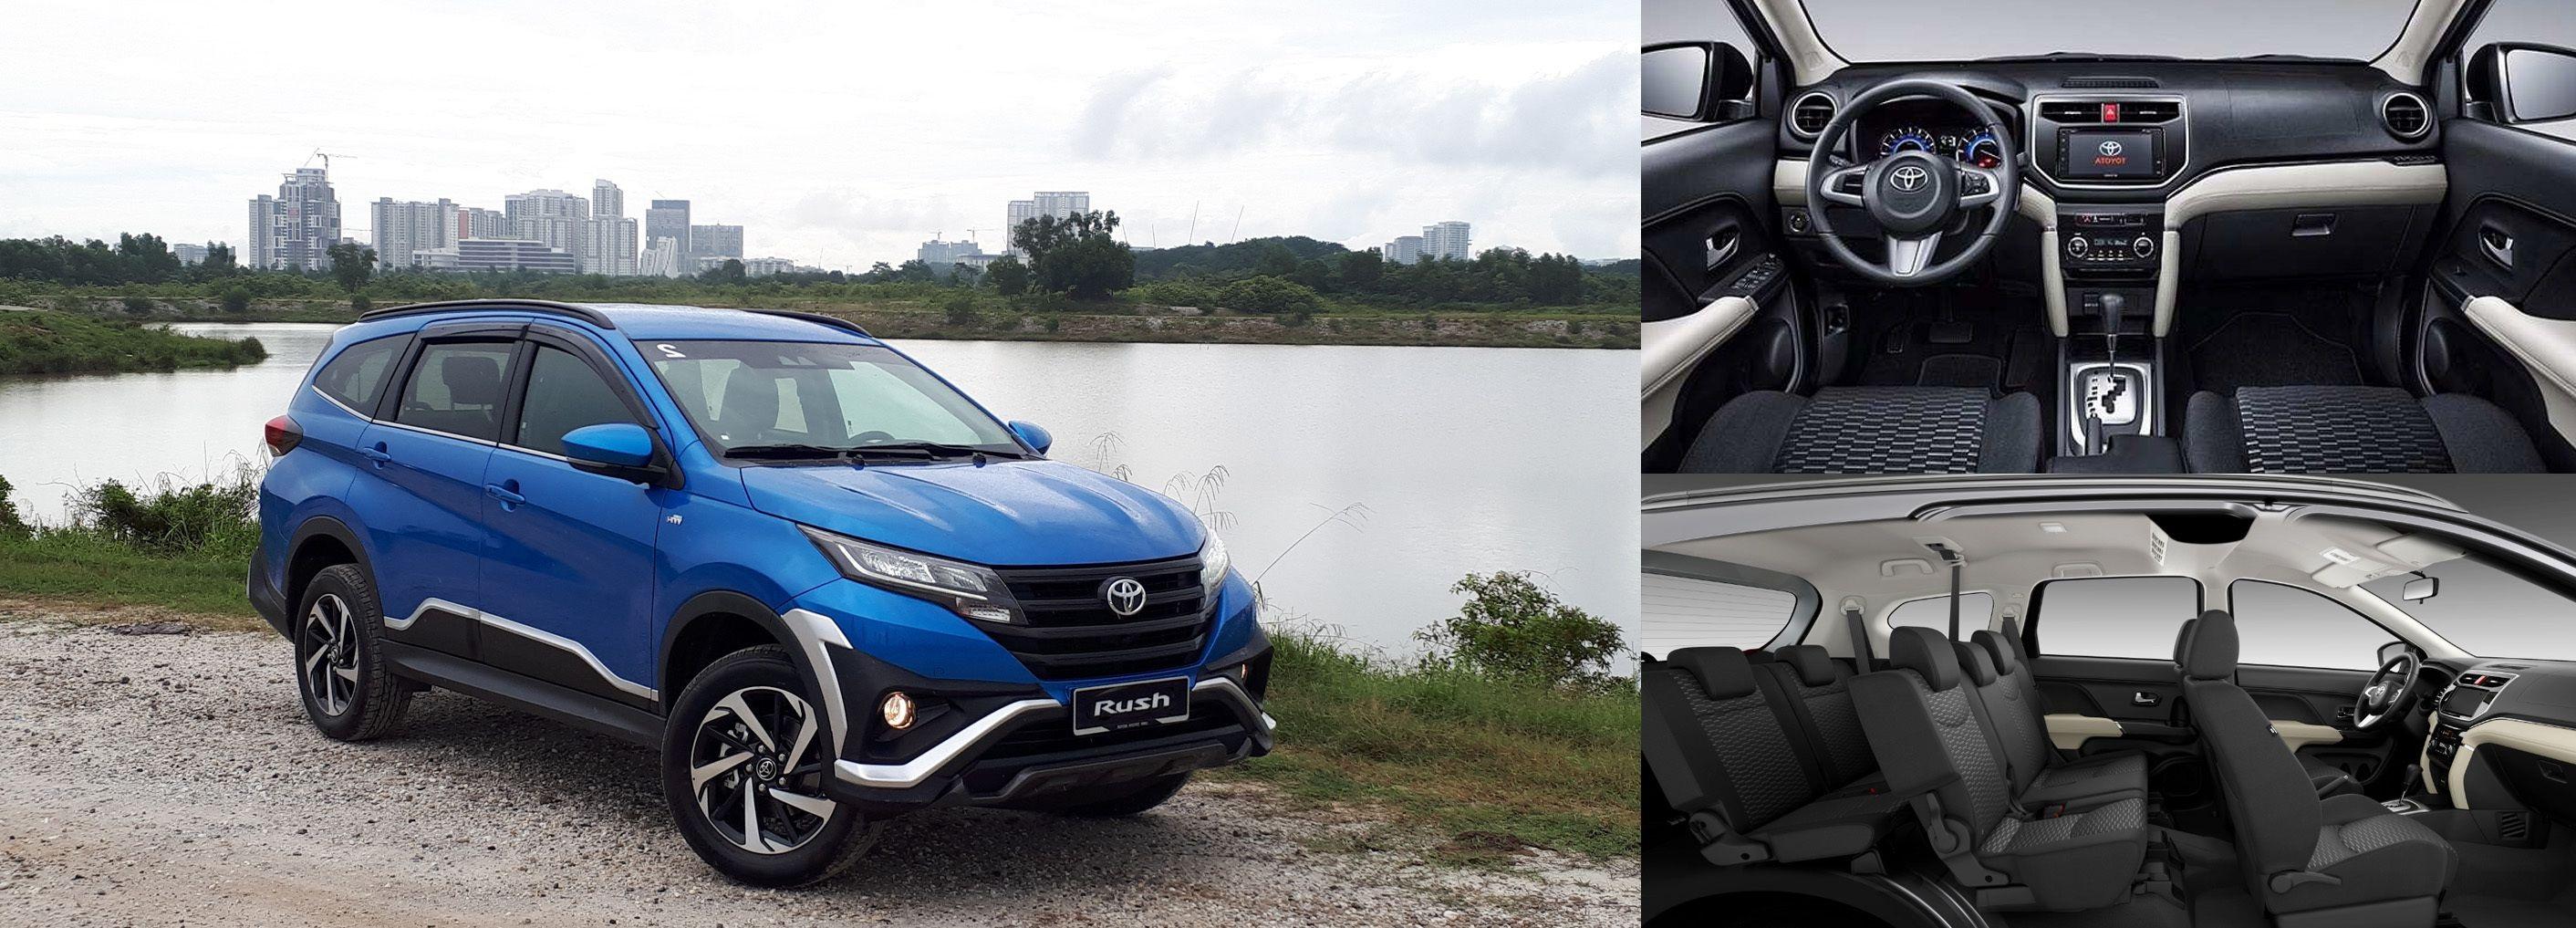 Phân khúc MPV tại Việt Nam năm 2019:  Cuộc chiến giữa Toyota Innova và Mitsubishi Xpander - 8